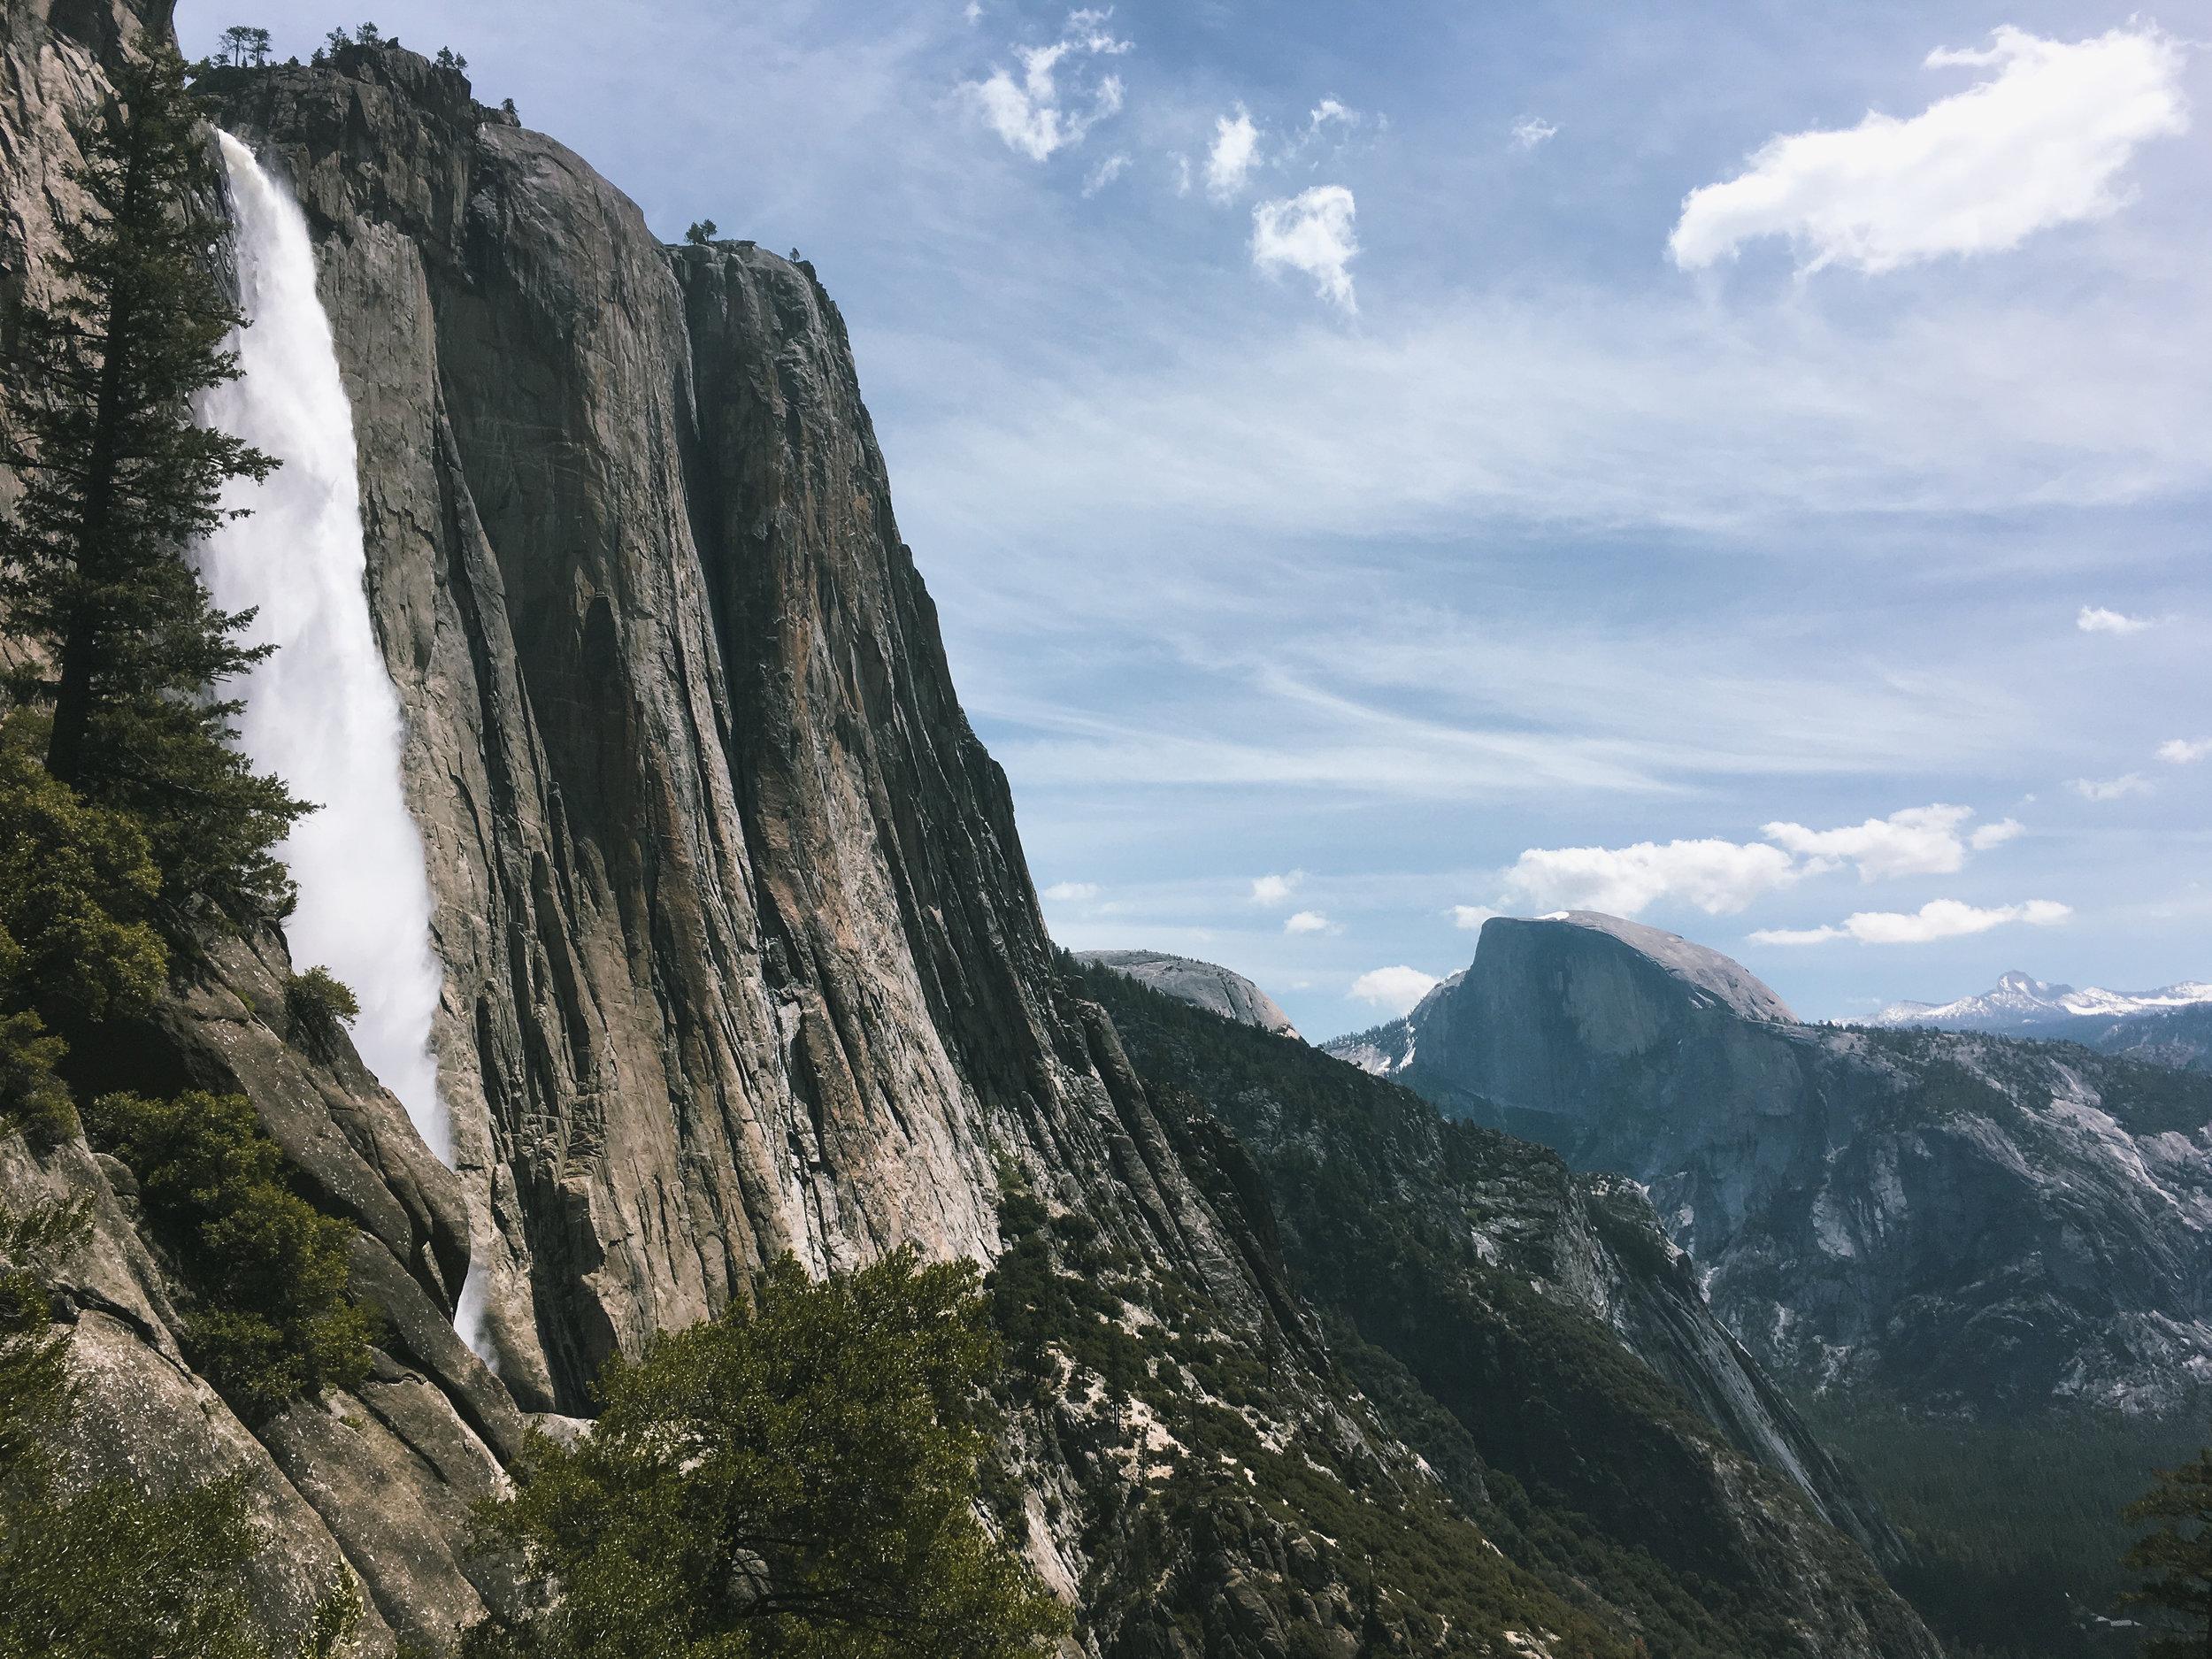 Yosemite Falls & Half Dome from Upper Yosemite Falls trail